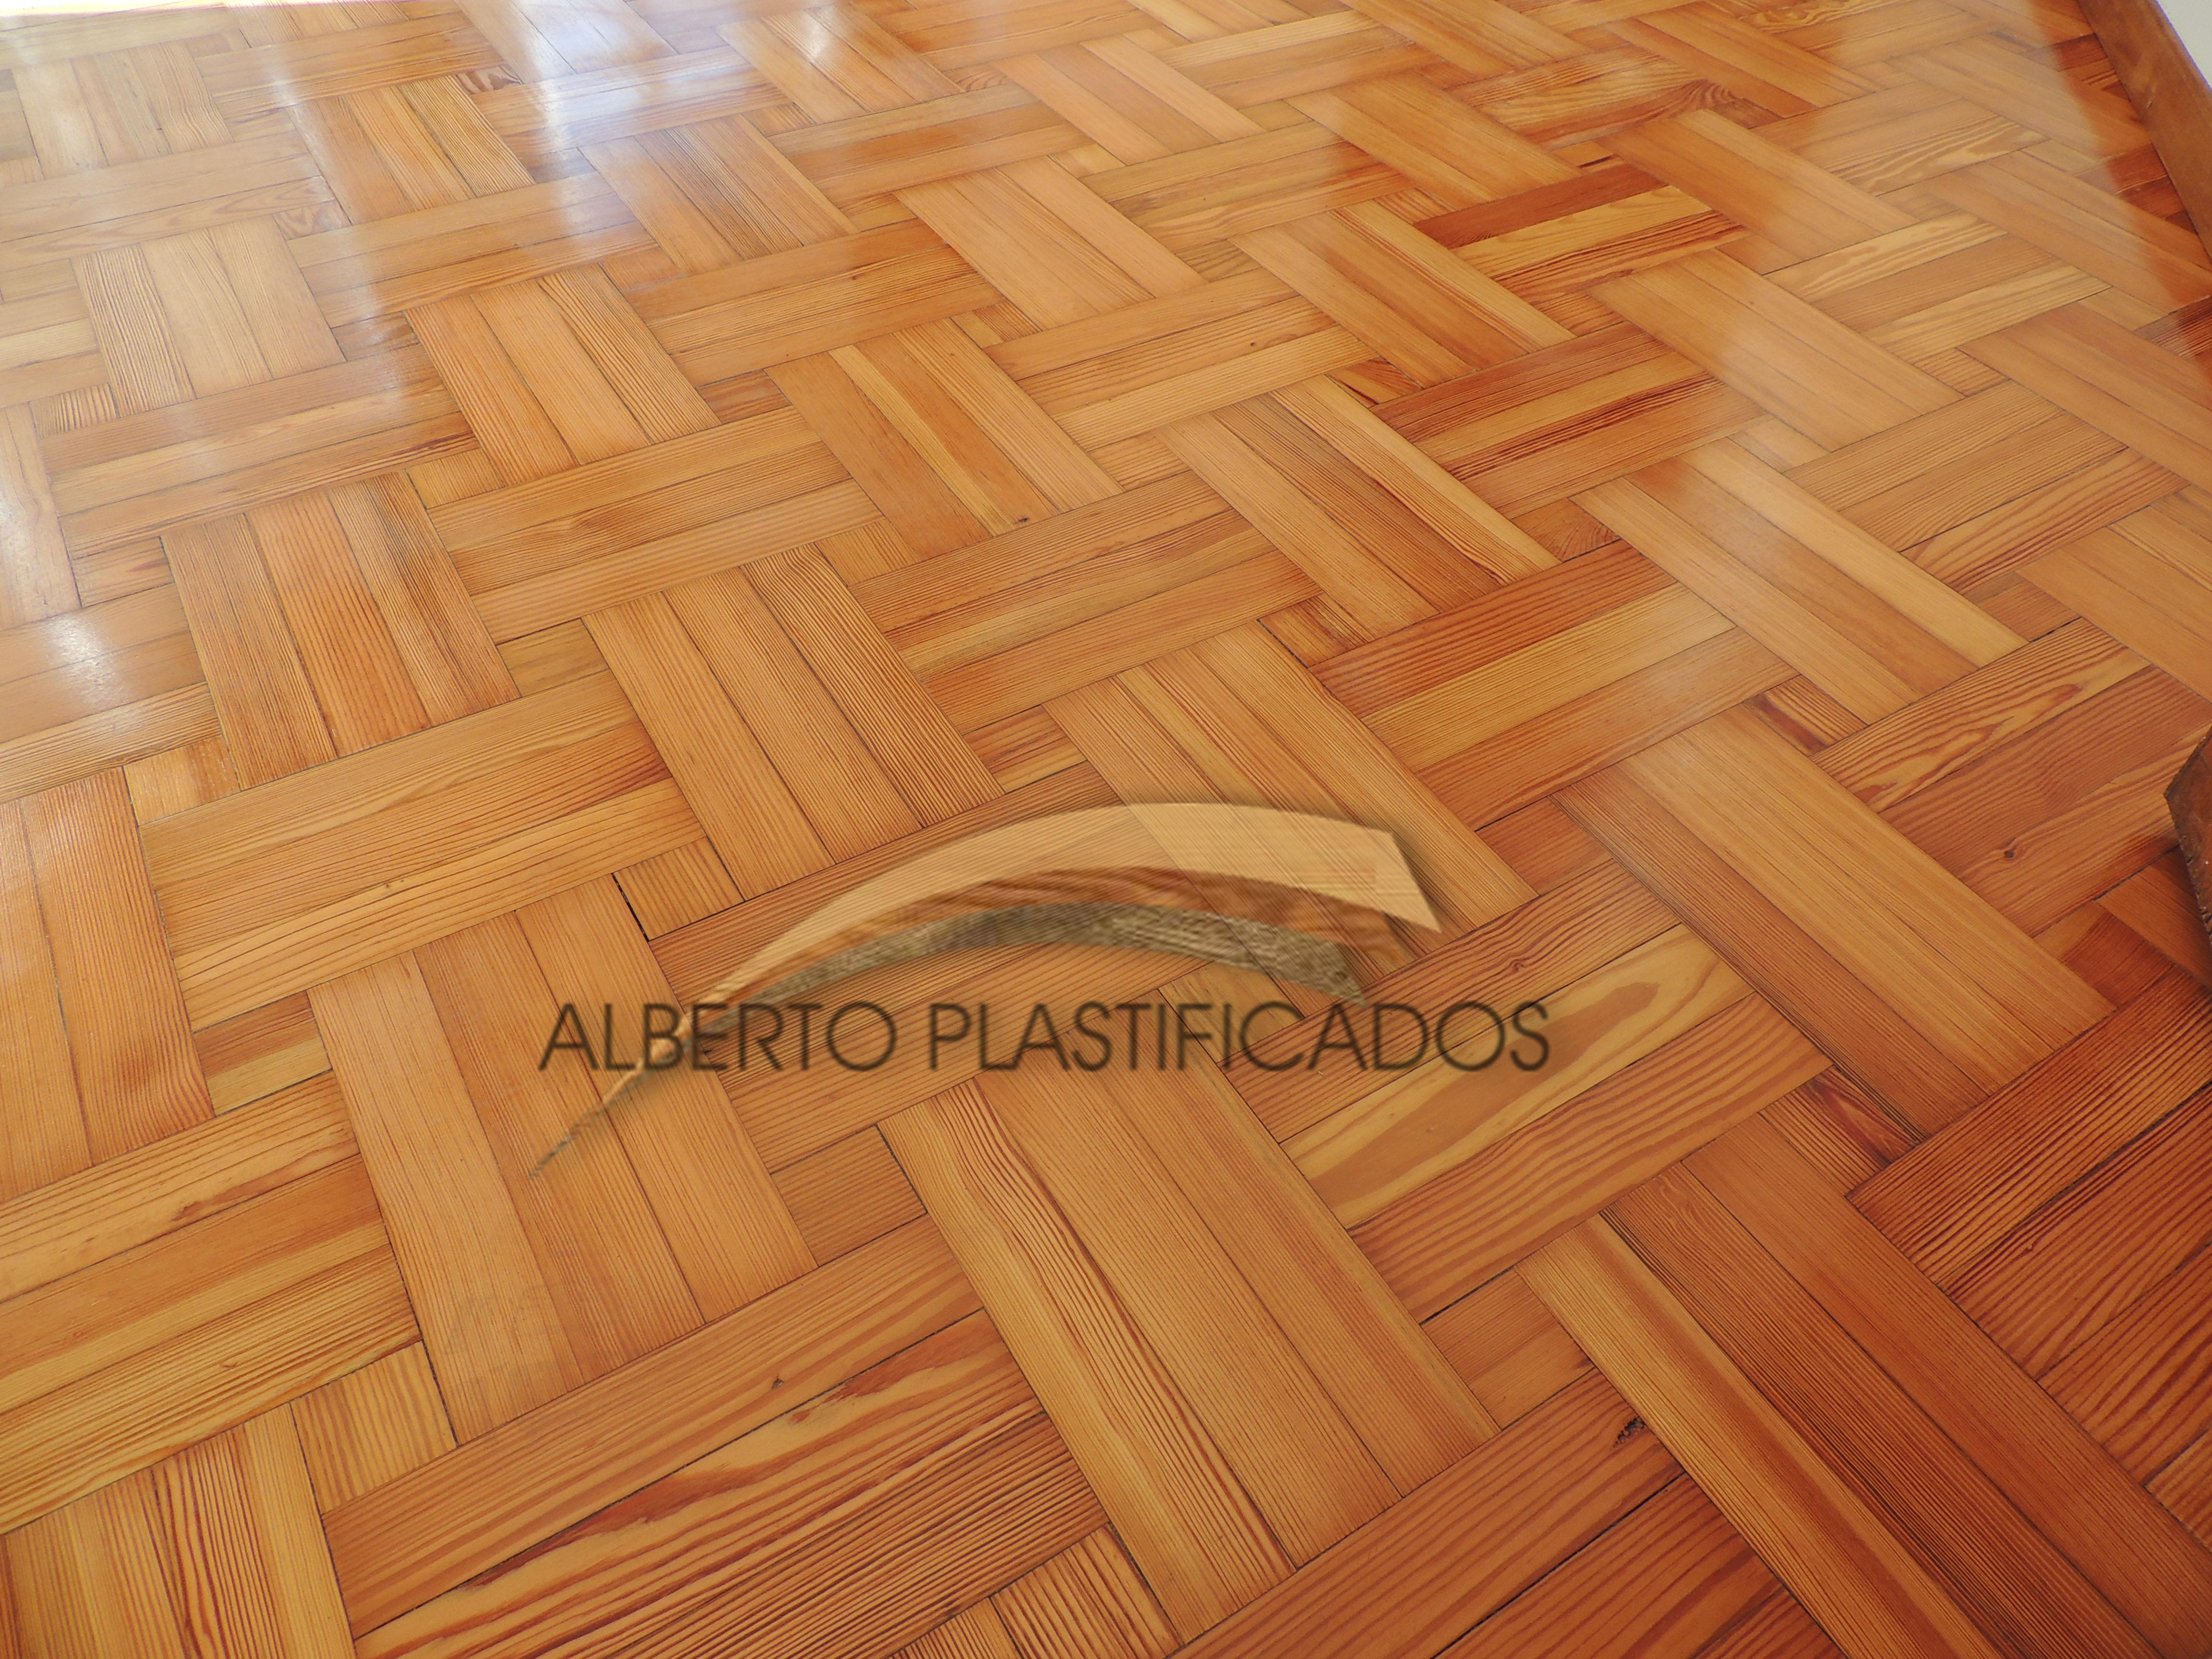 Pisos de madera parquet entablonado colocacion de pisos - Colocacion de parquet de madera ...